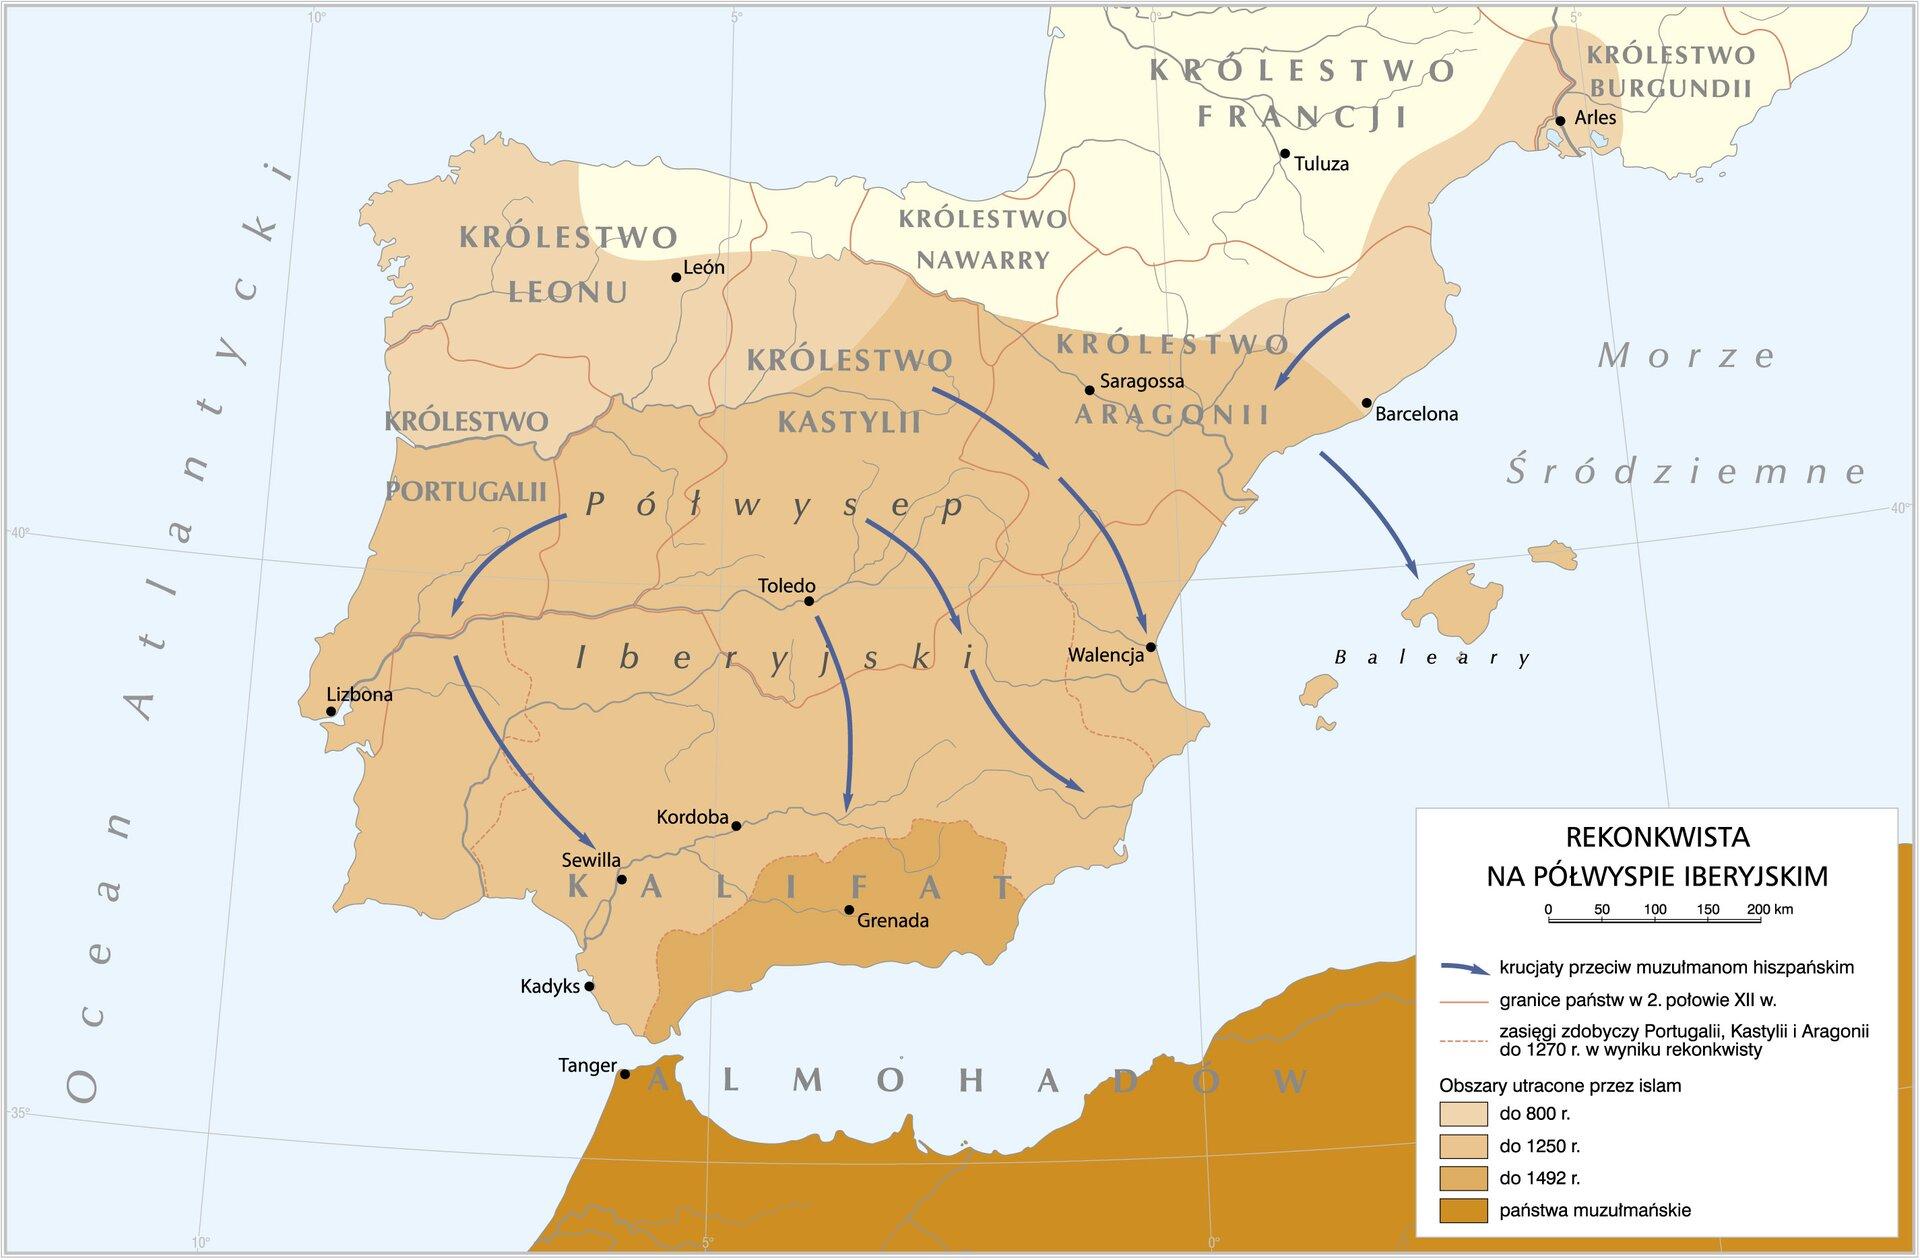 mapa - Rekonkwista na Półwyspie Iberyjskim